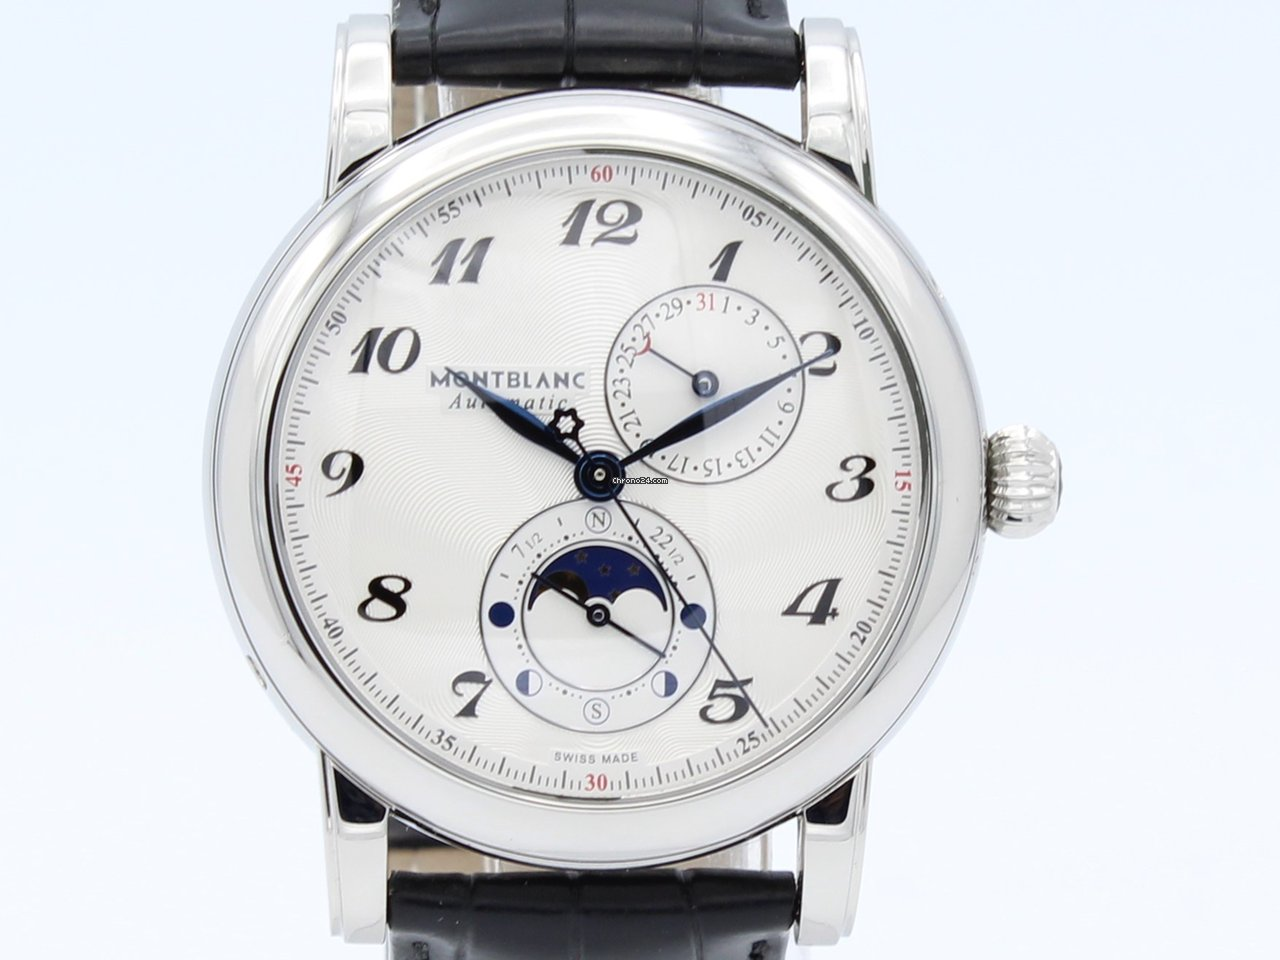 0b8be6b33 Relojes Montblanc - Precios de todos los relojes Montblanc en Chrono24